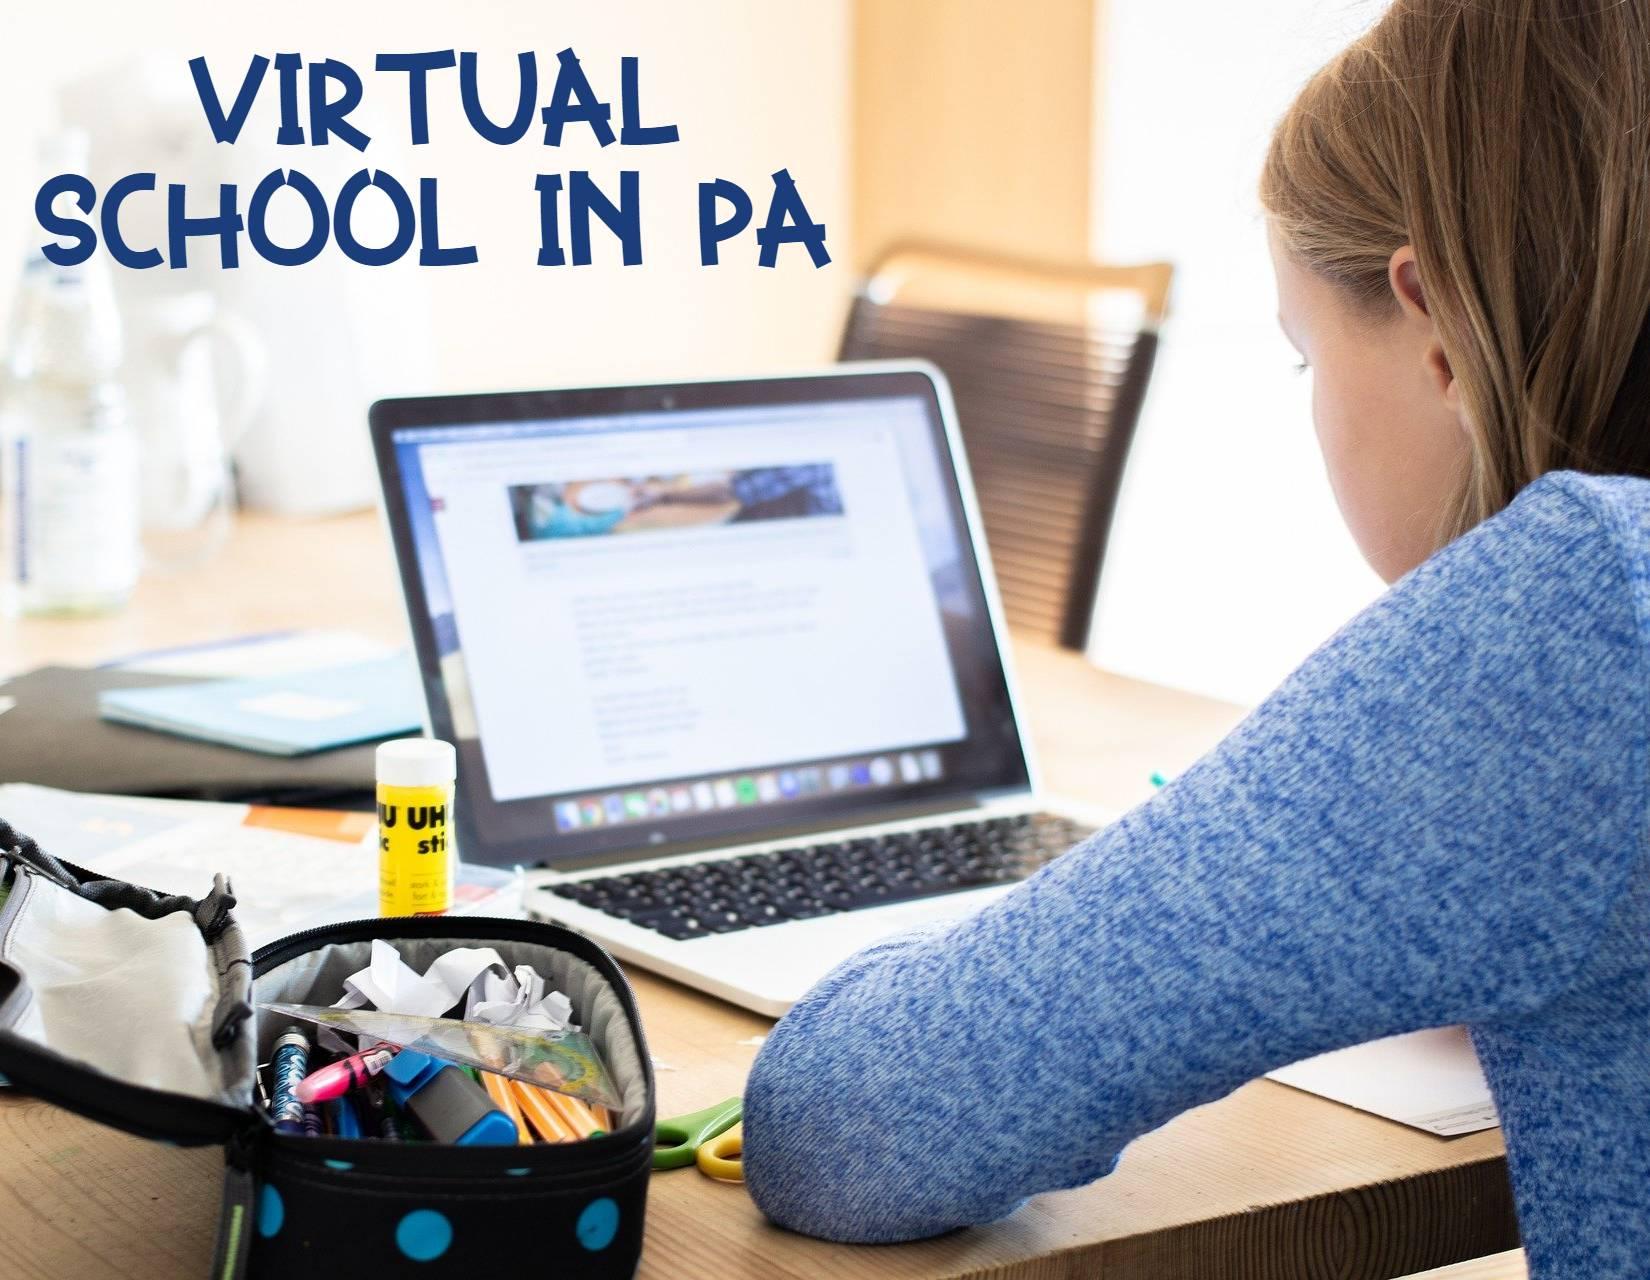 K-12 distance schooling in PA